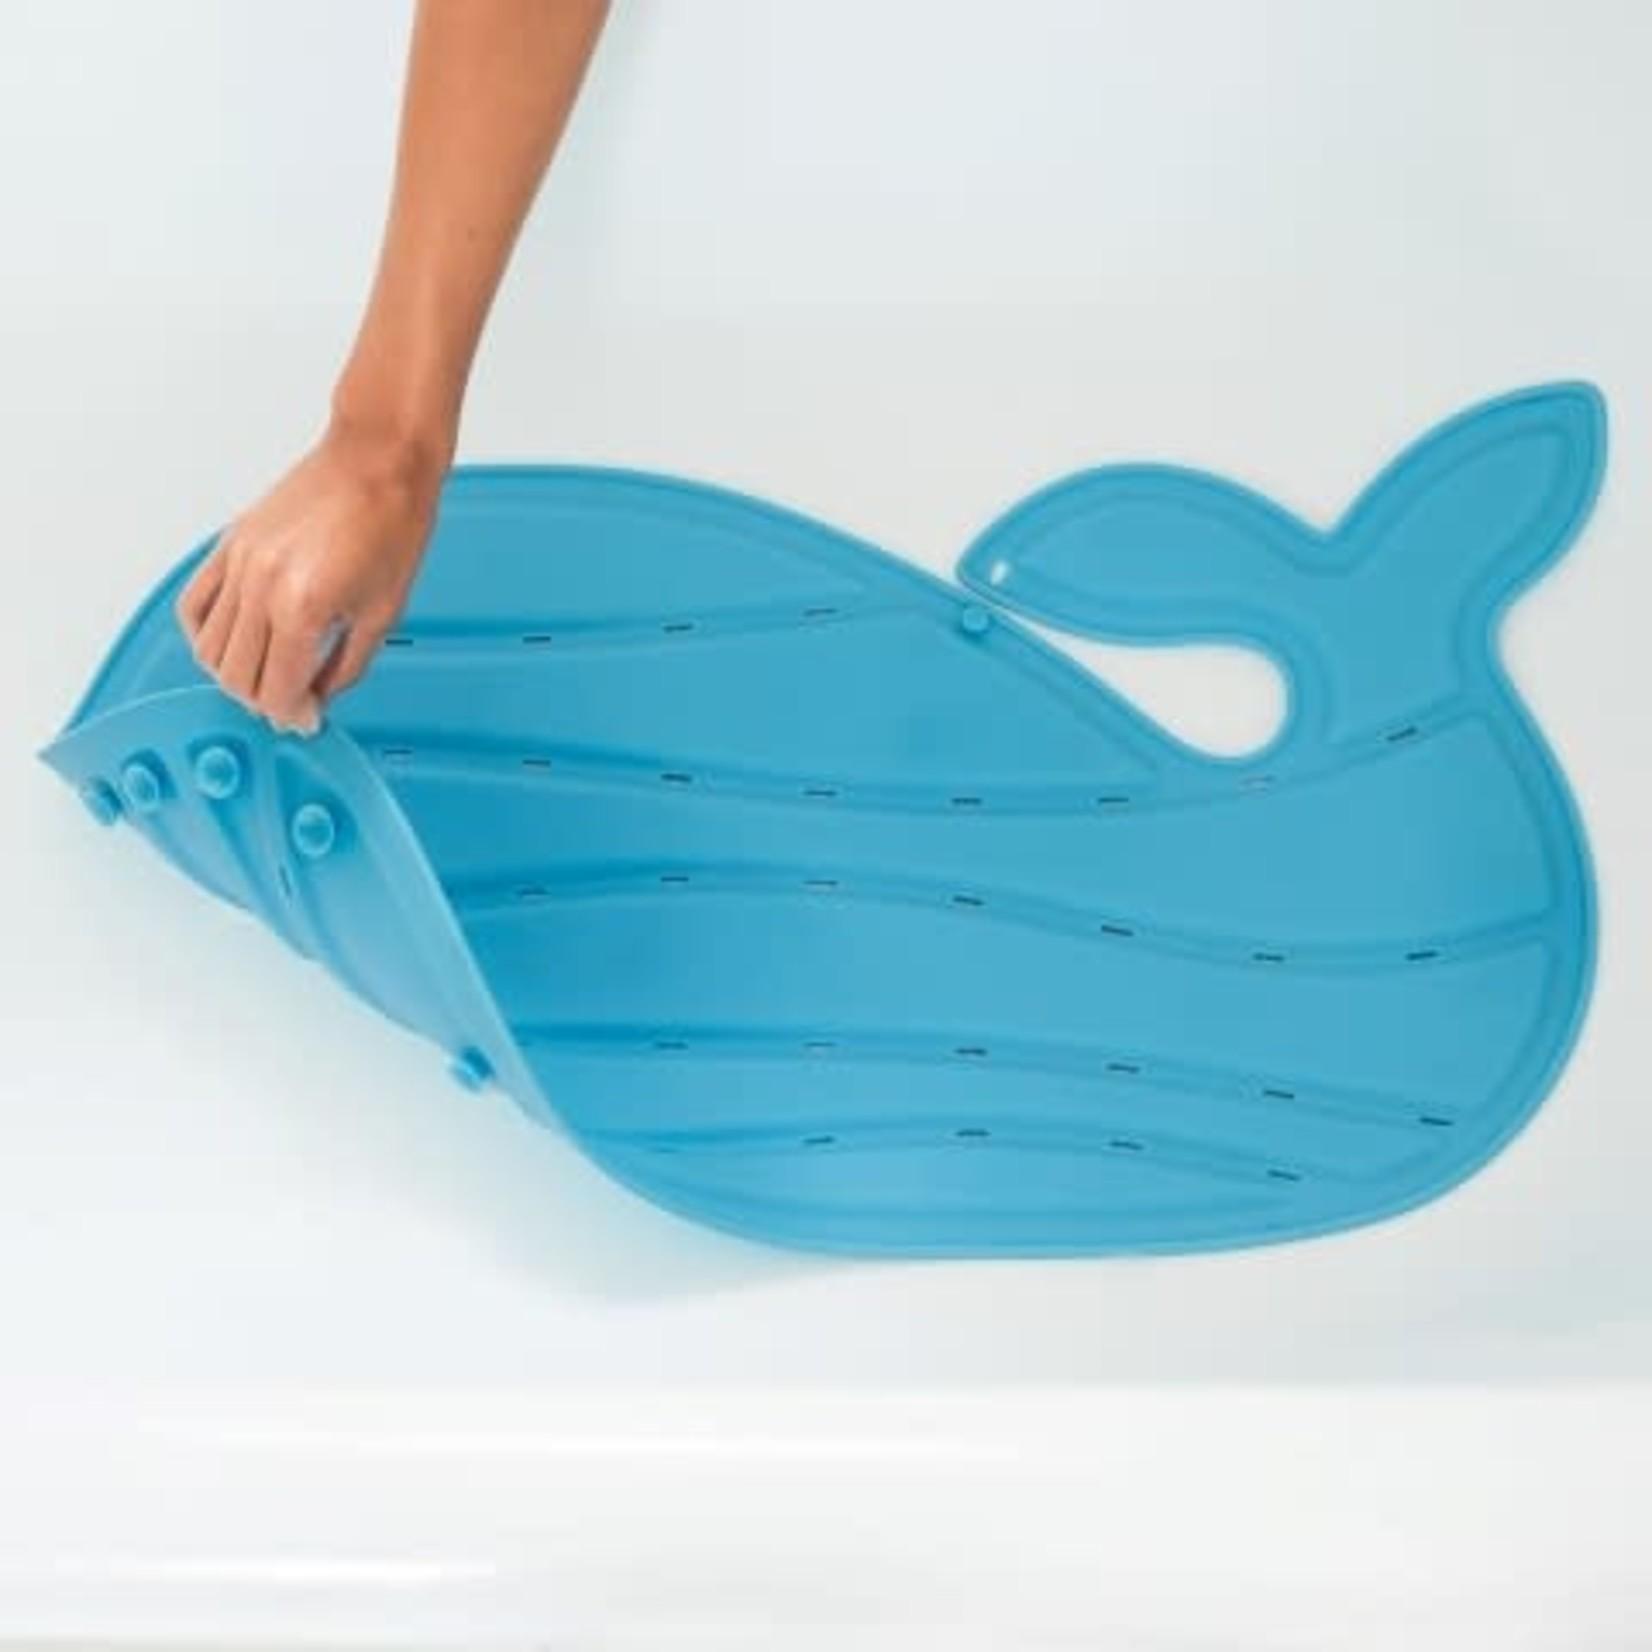 SKIP HOP Moby Bath Mat Redesign - Blue